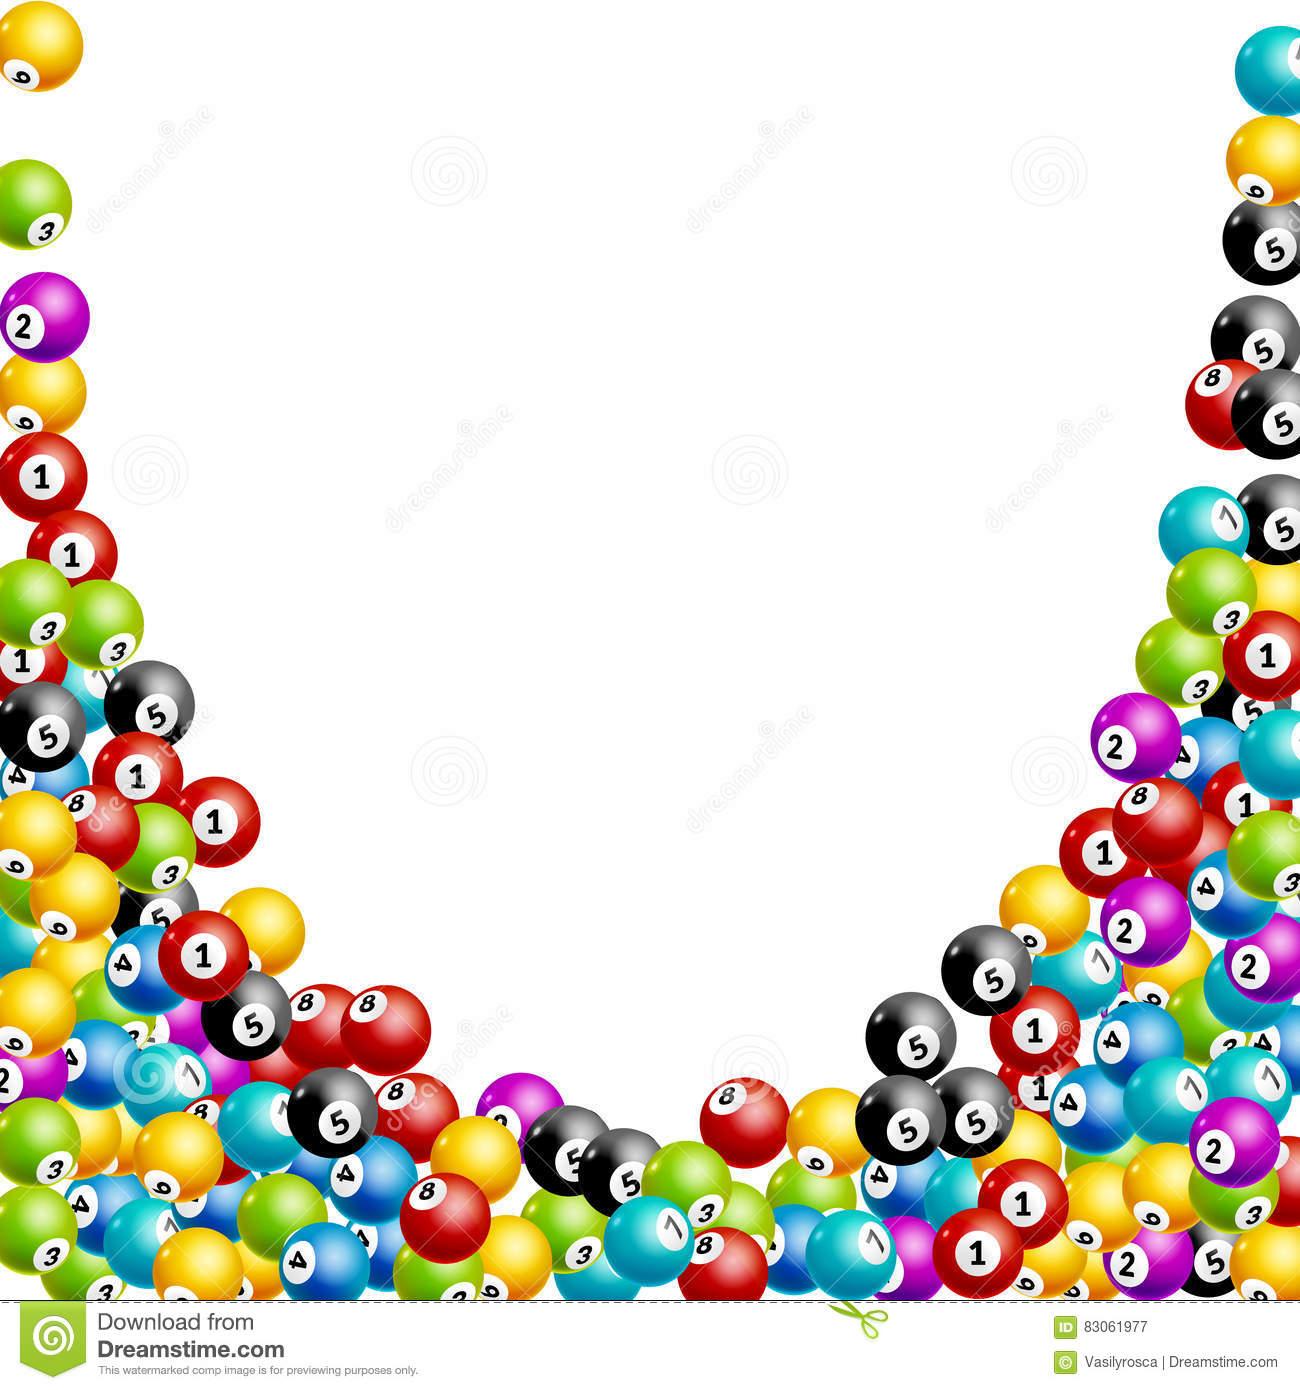 Fond De Nombres De Boules De Loterie De Bingo-Test Boules De dedans Jeux De Billes Gratuits